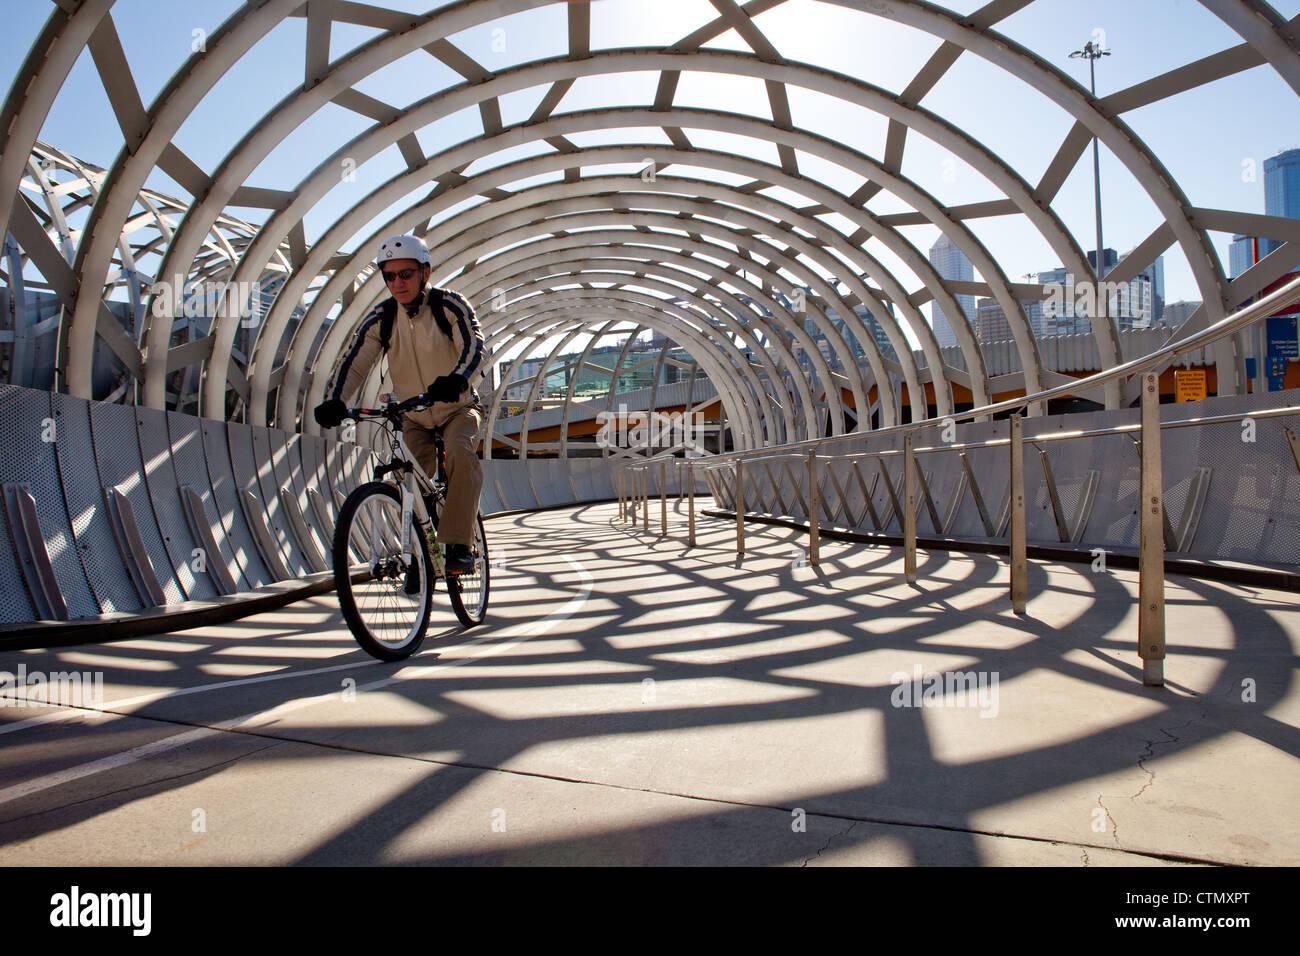 Melbourne webb ponte sul fiume Yarra, Docklands porto di Victoria Australia ciclista percorso ciclabile ride. con Immagini Stock